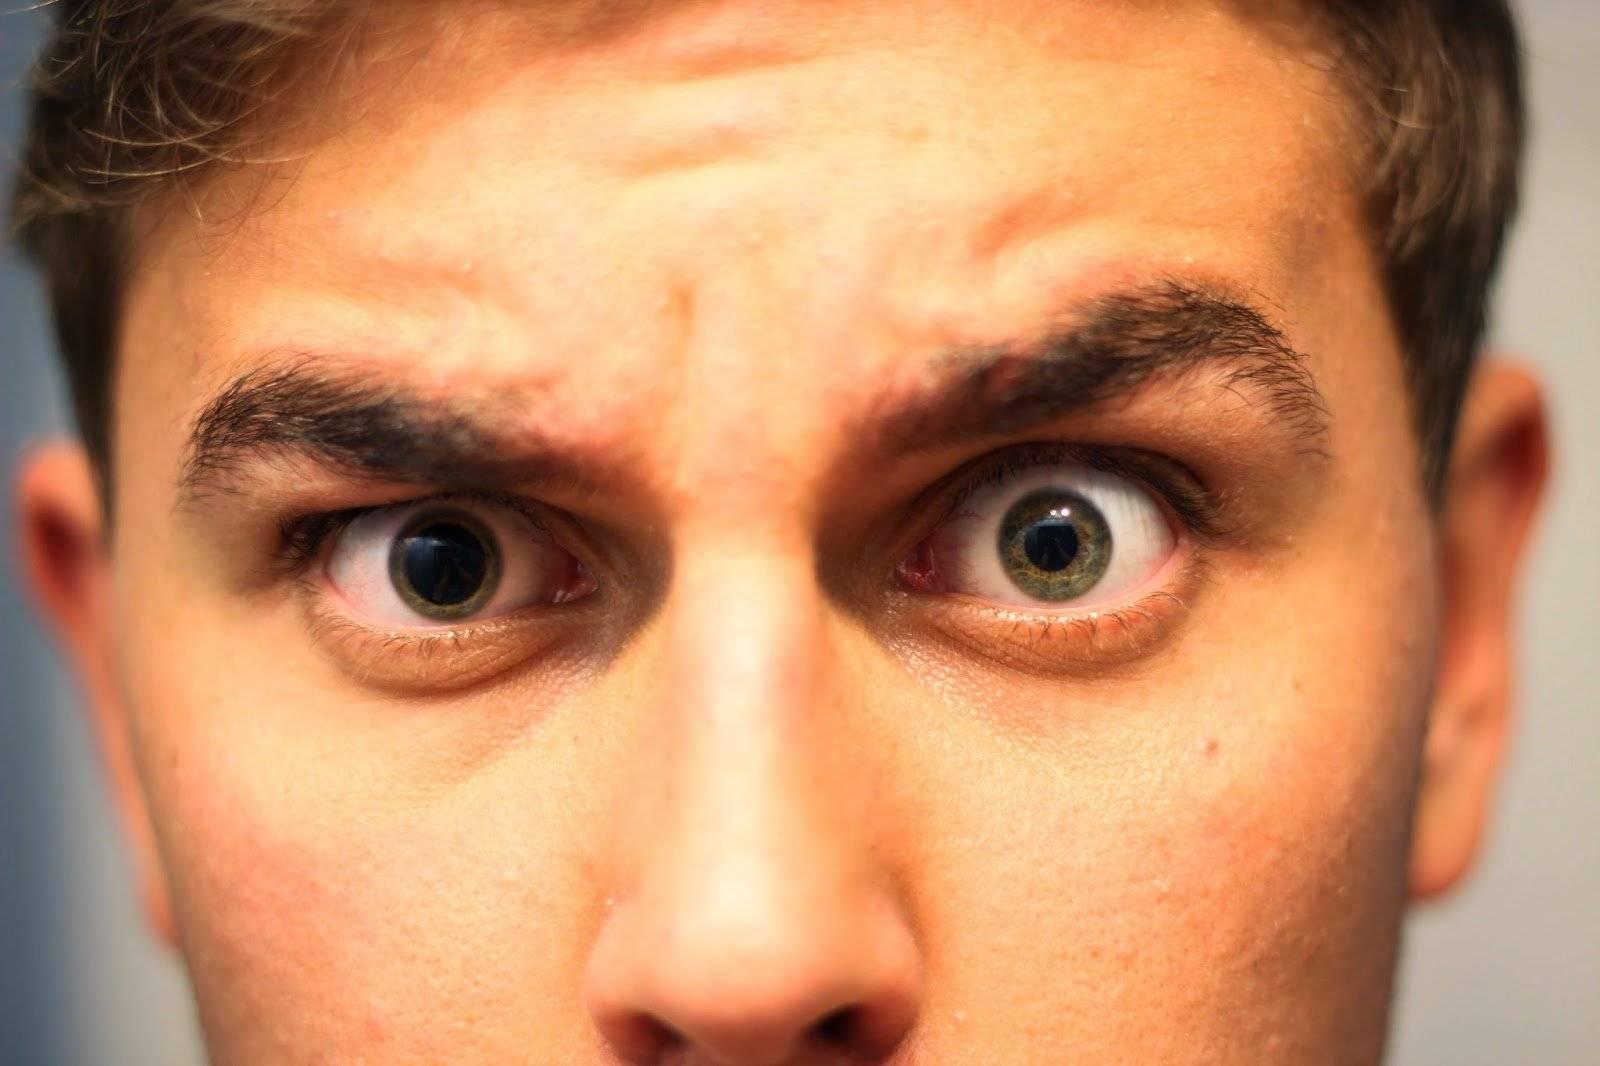 Отслойка стекловидного тела глаза: причины, лечение, симптомы, осложнения и профилактика